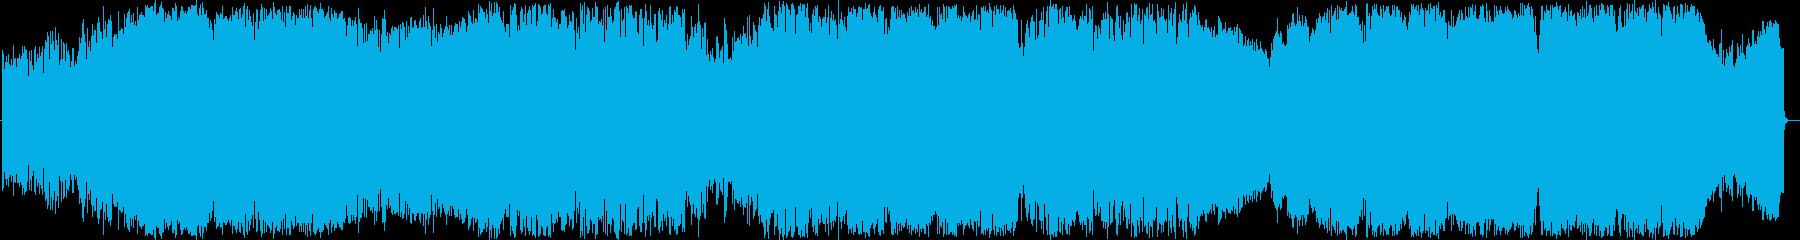 サイキックなポップグリッチエレクトロの再生済みの波形